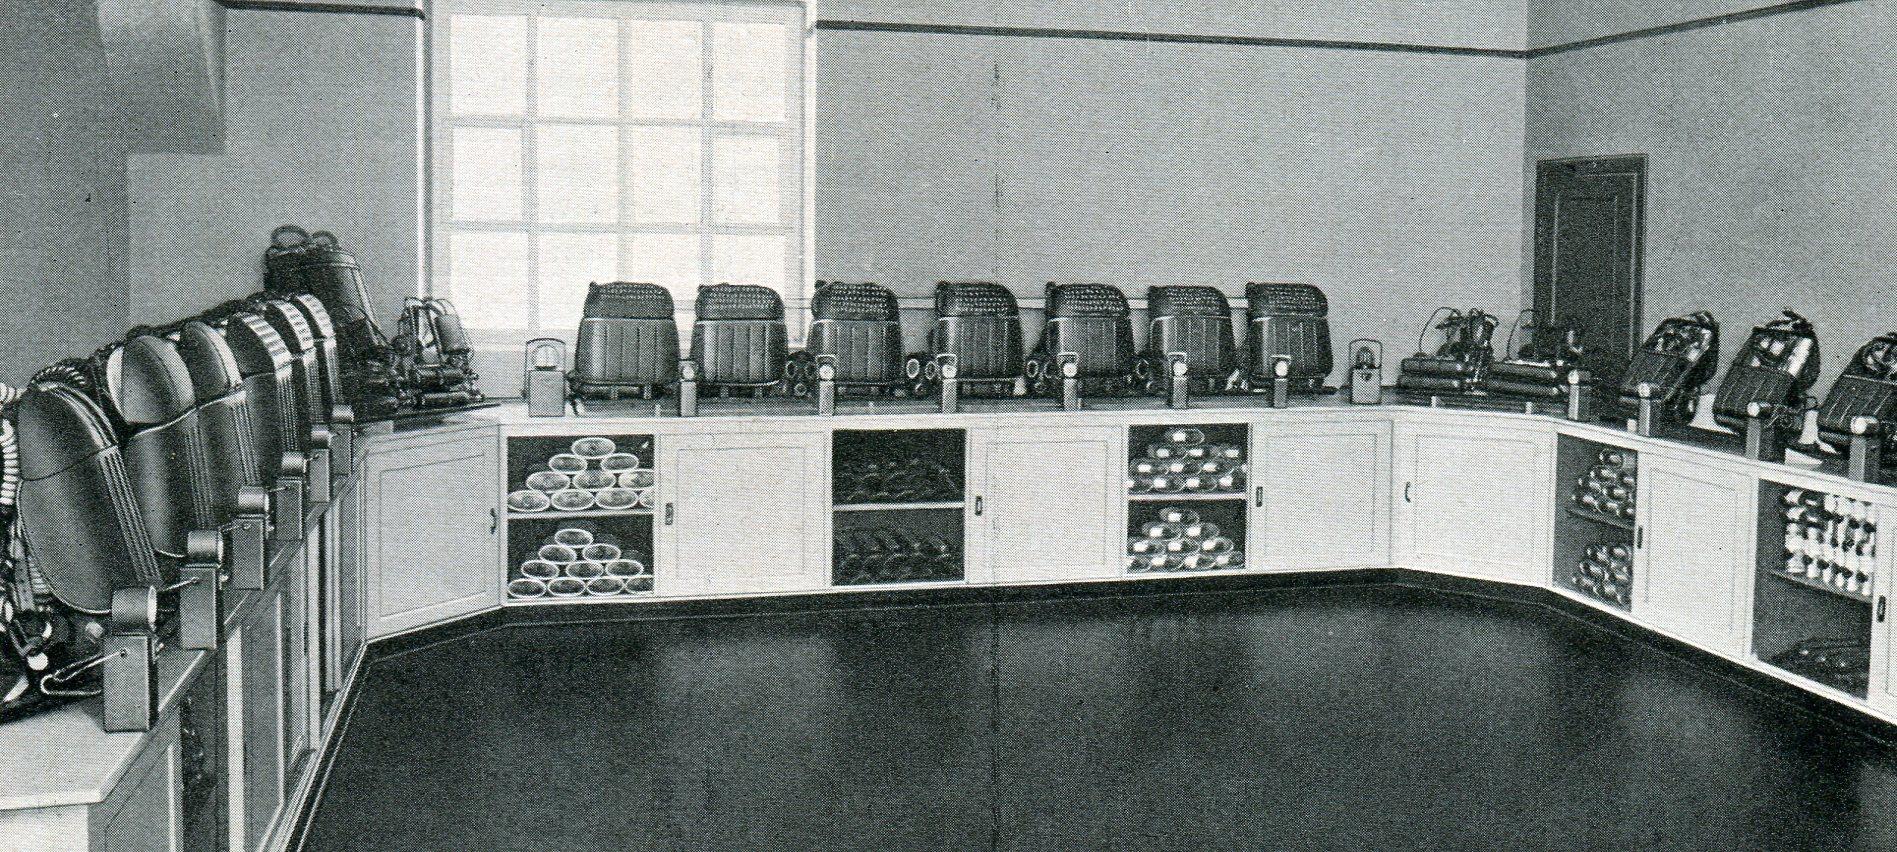 Bezirksrettungsstelle für das Grubenrettungswesen in Zwickau  1940